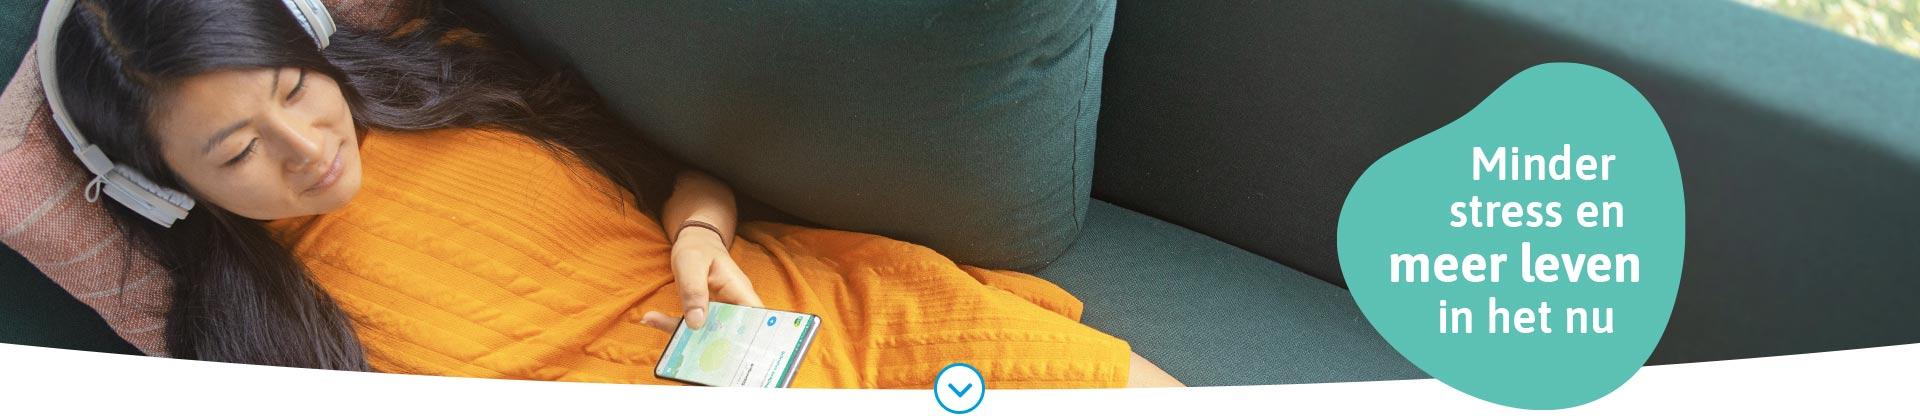 Afbeelding van een ontspannen vrouw die gebruikmaakt van de VGZ Mindfulness coach app via haar telefoon